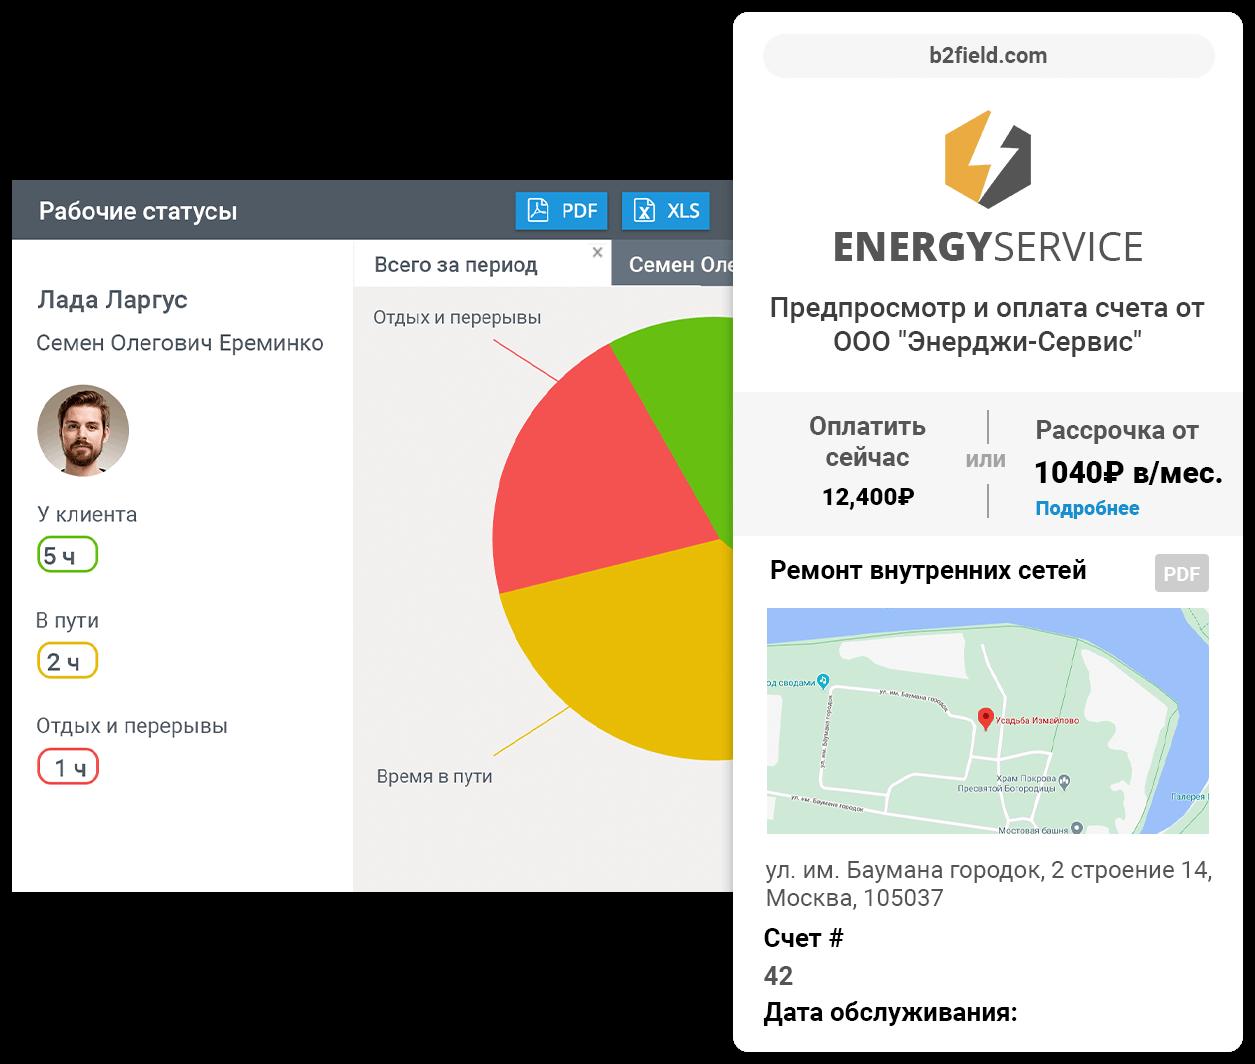 Расчет стоимости электромонтажных работ